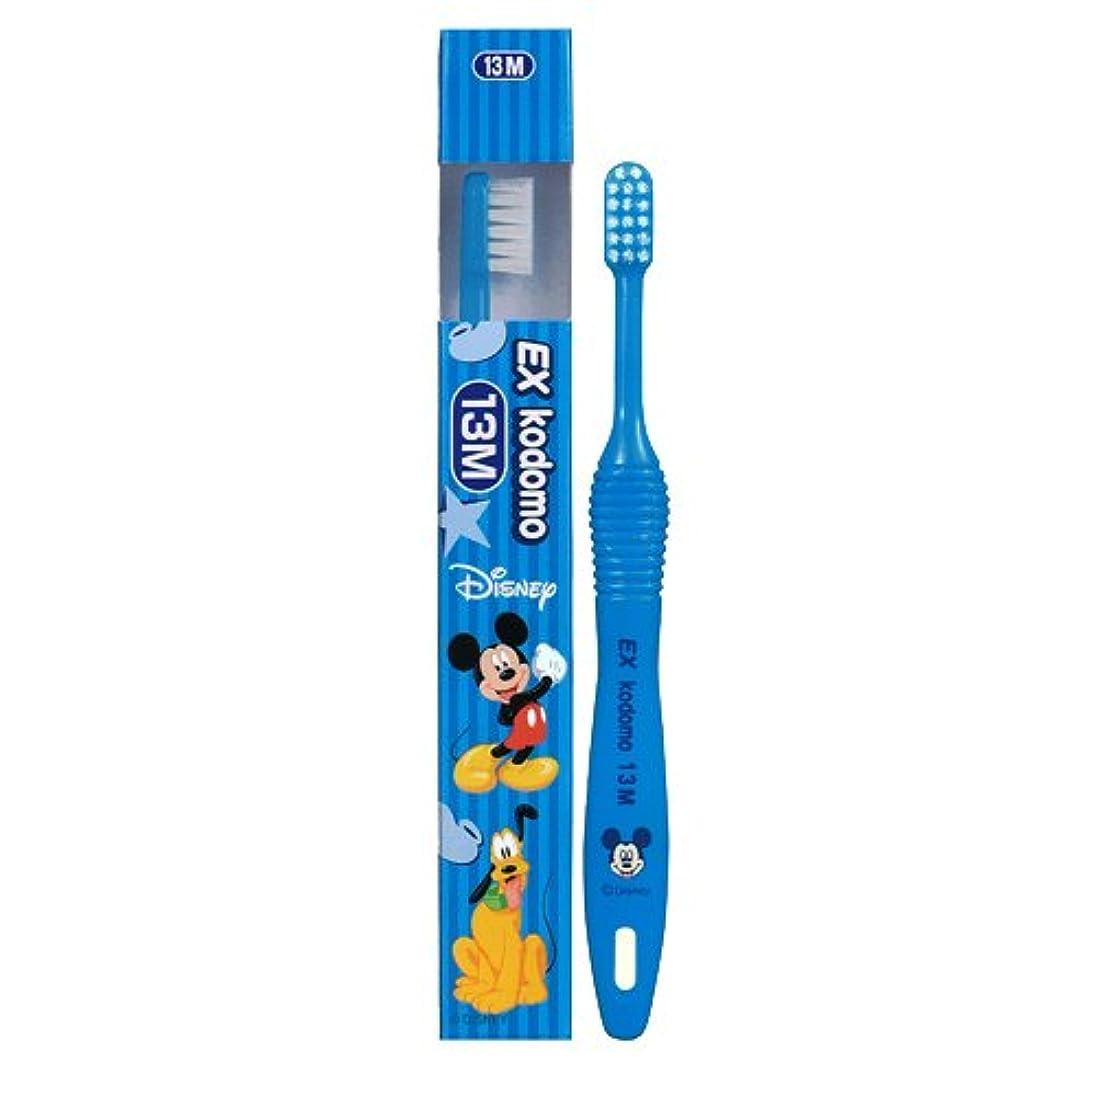 アルカトラズ島シットコムパトロールEX kodomo ディズニー 歯ブラシ 13(乳幼児用?0~6歳)M 4本入り